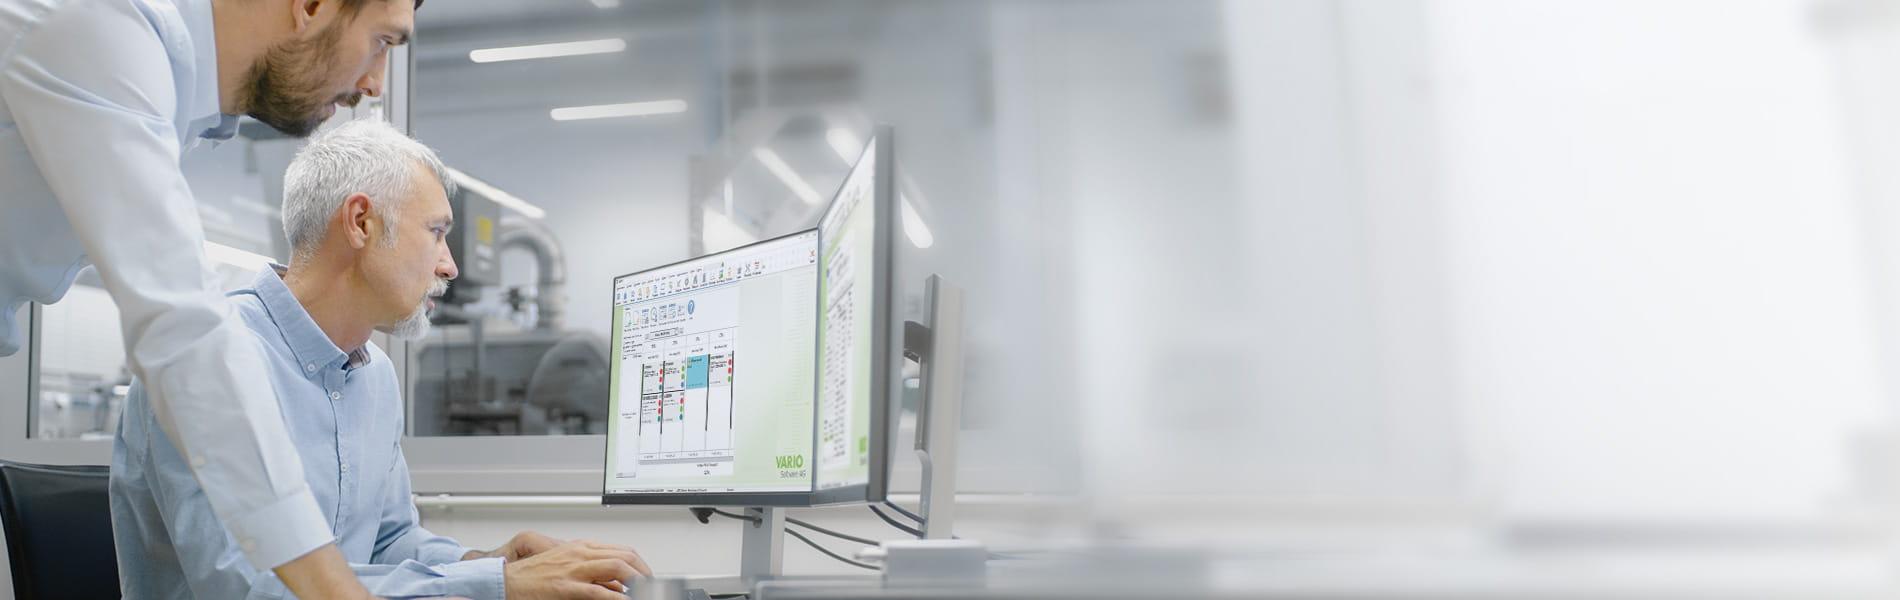 Arbeiten mit ERP-Systemen